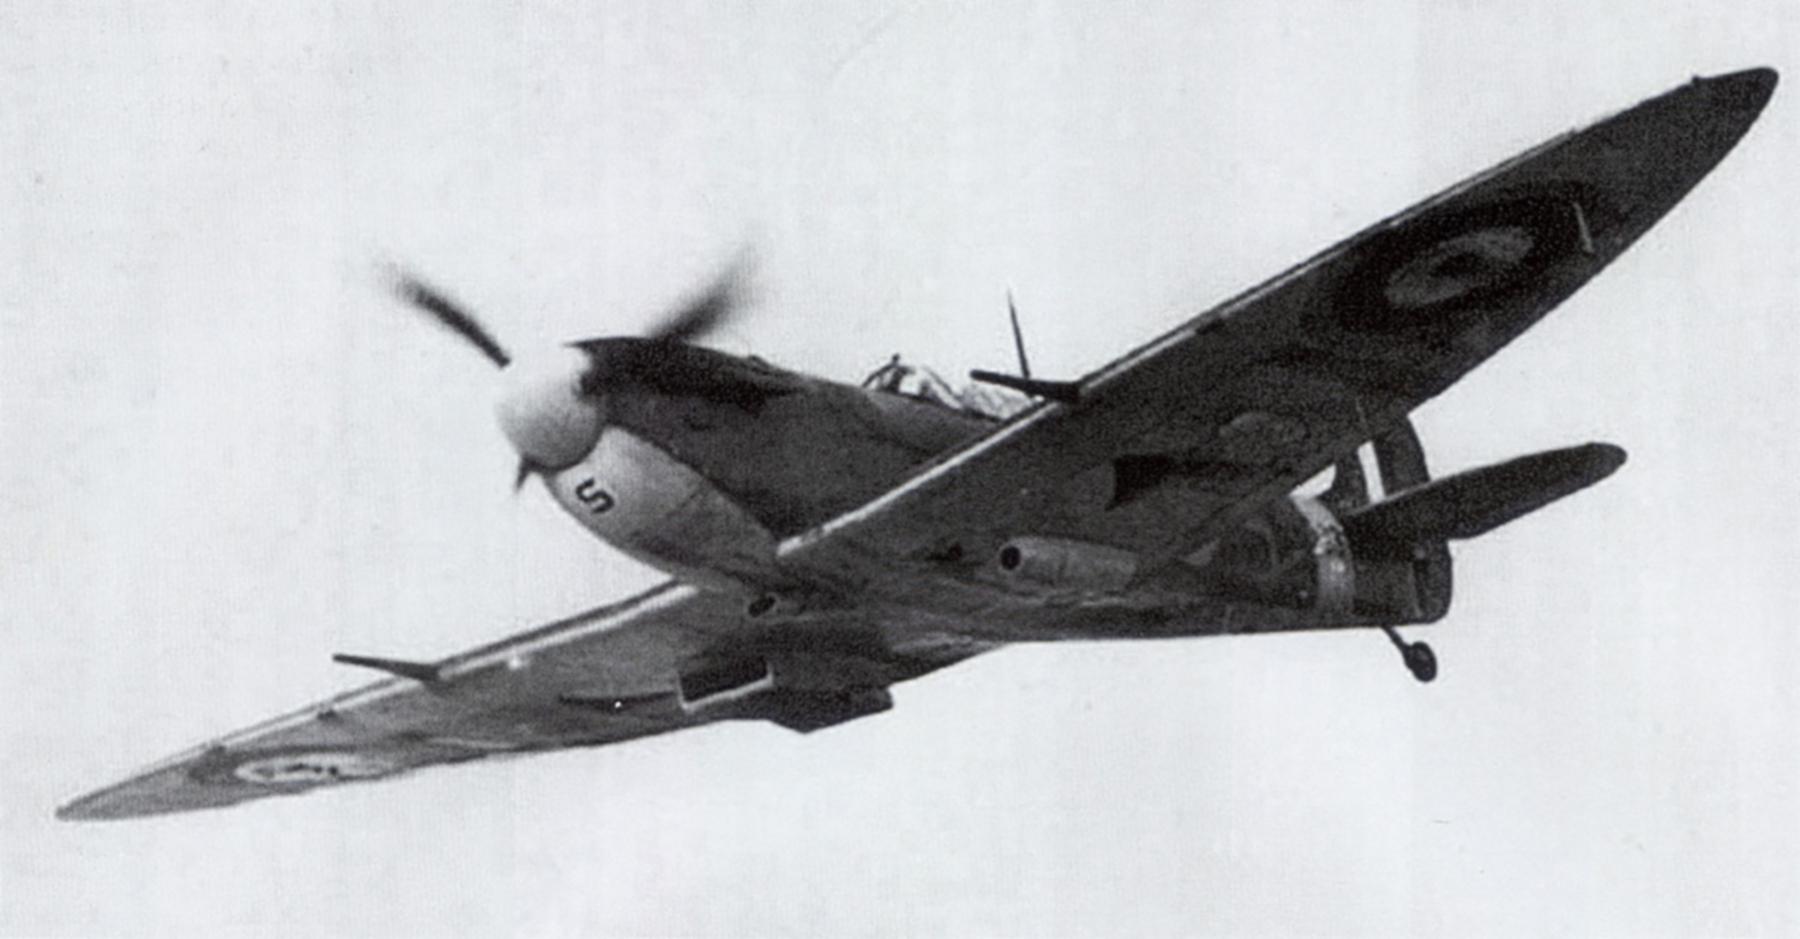 Spitfire MkVb RAF Code S 01